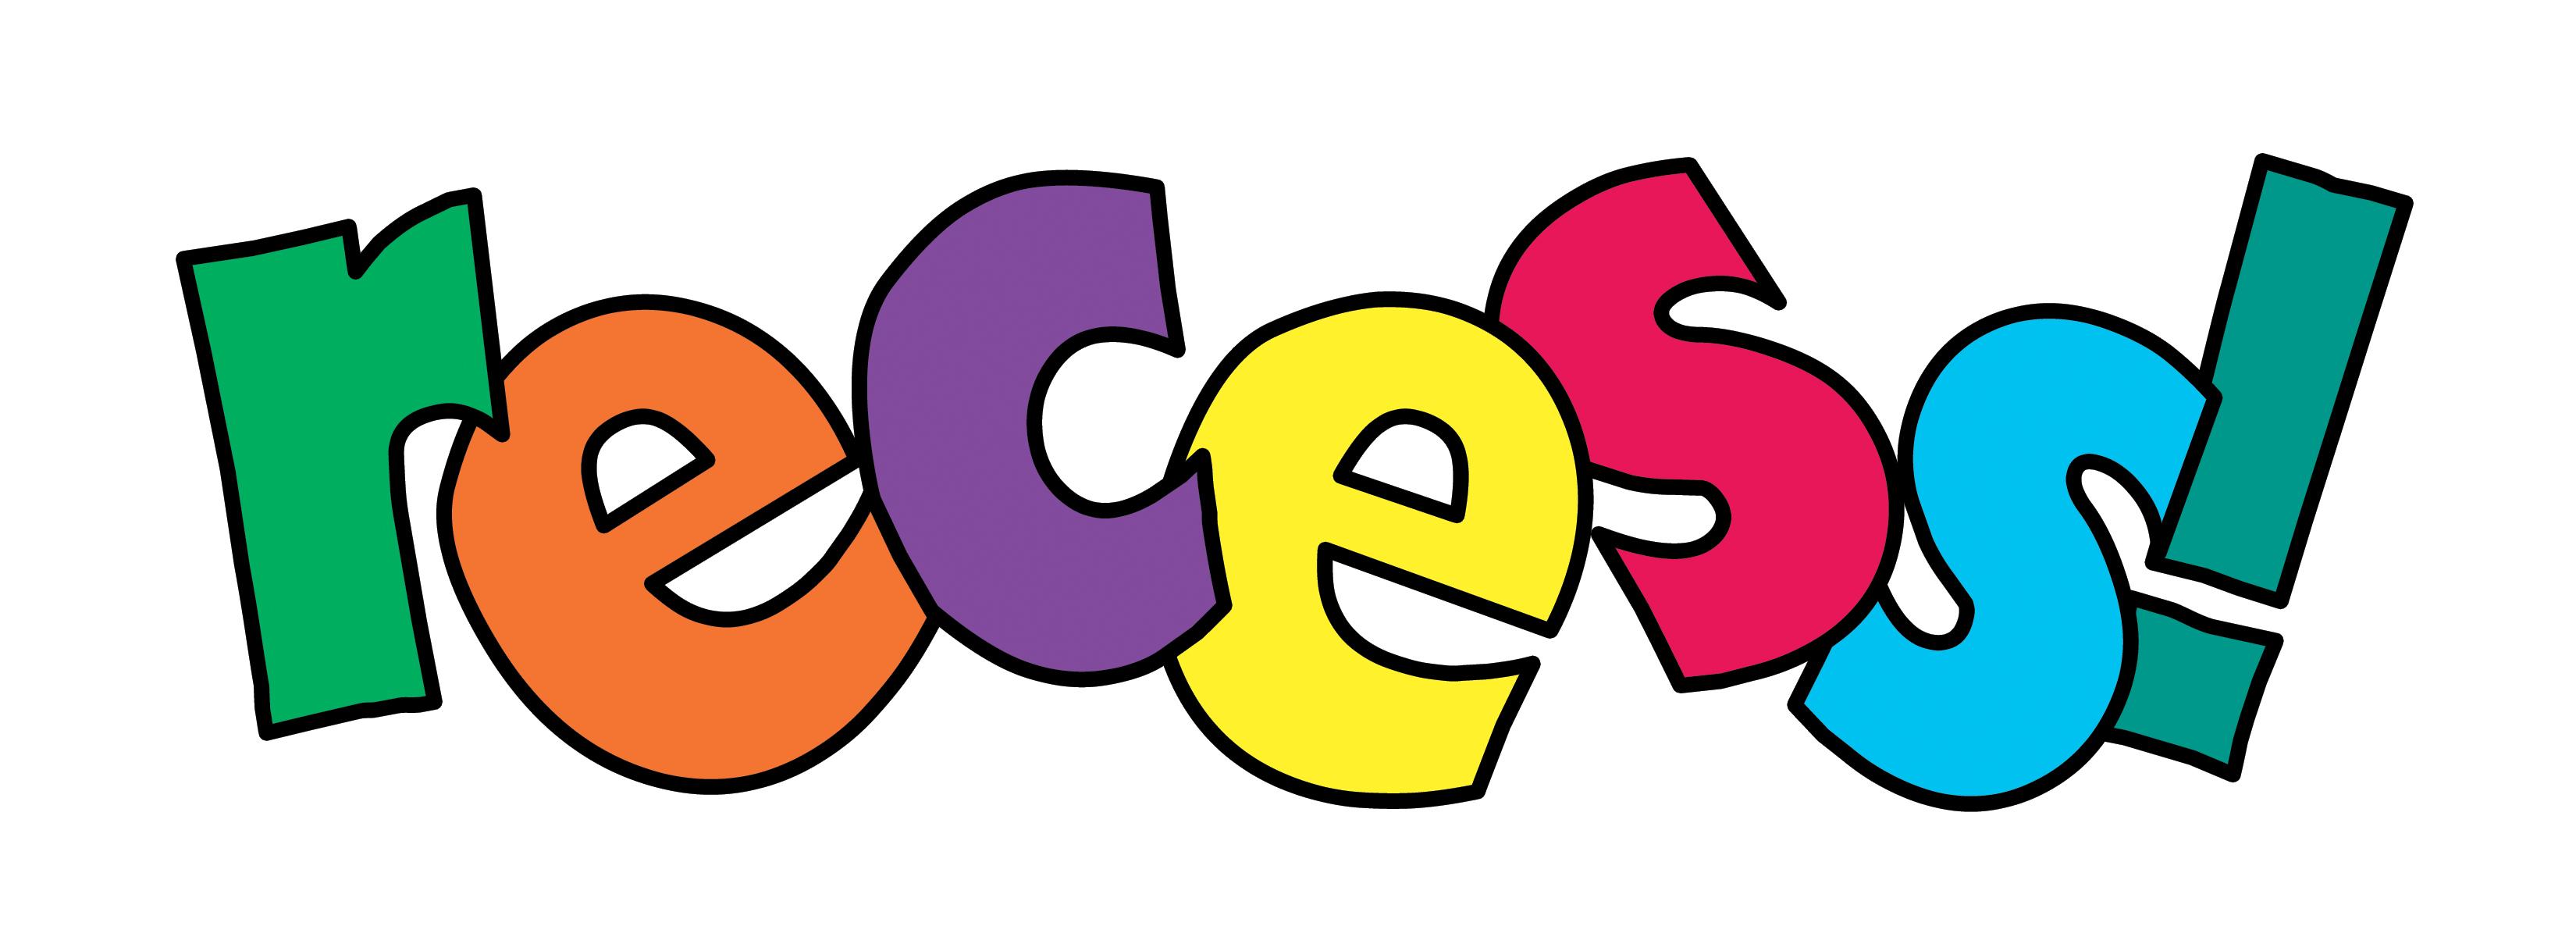 school recess clipart - photo #4